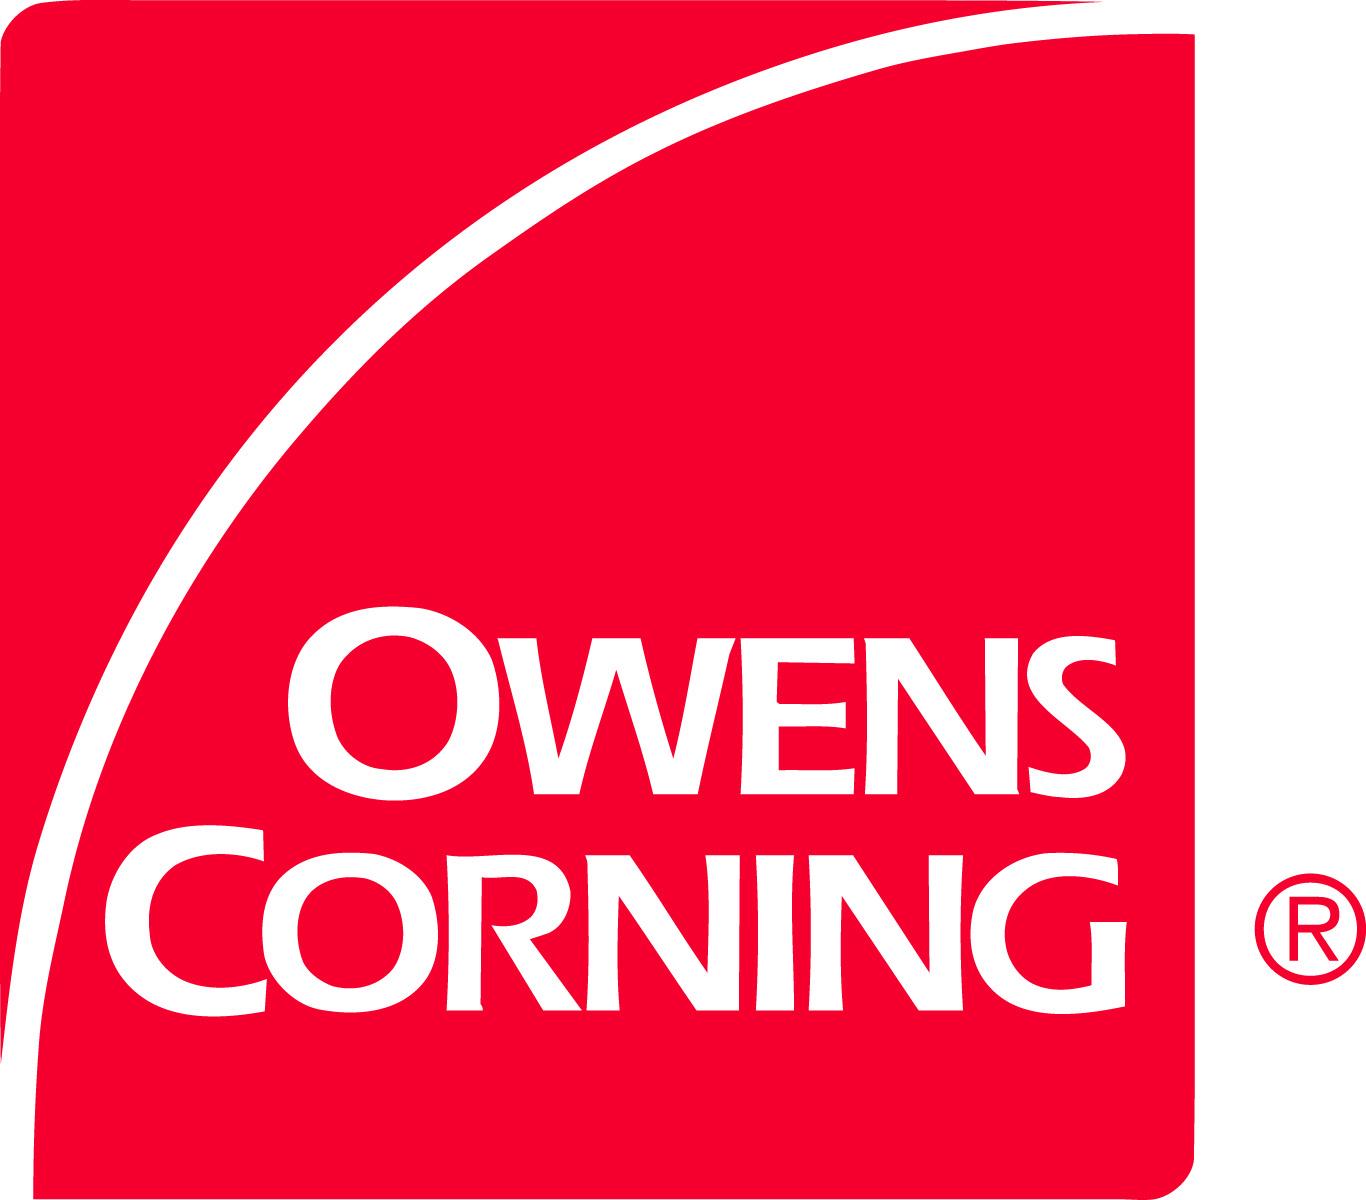 OC_logo_CMYK_0c100m81y4k_300DPI